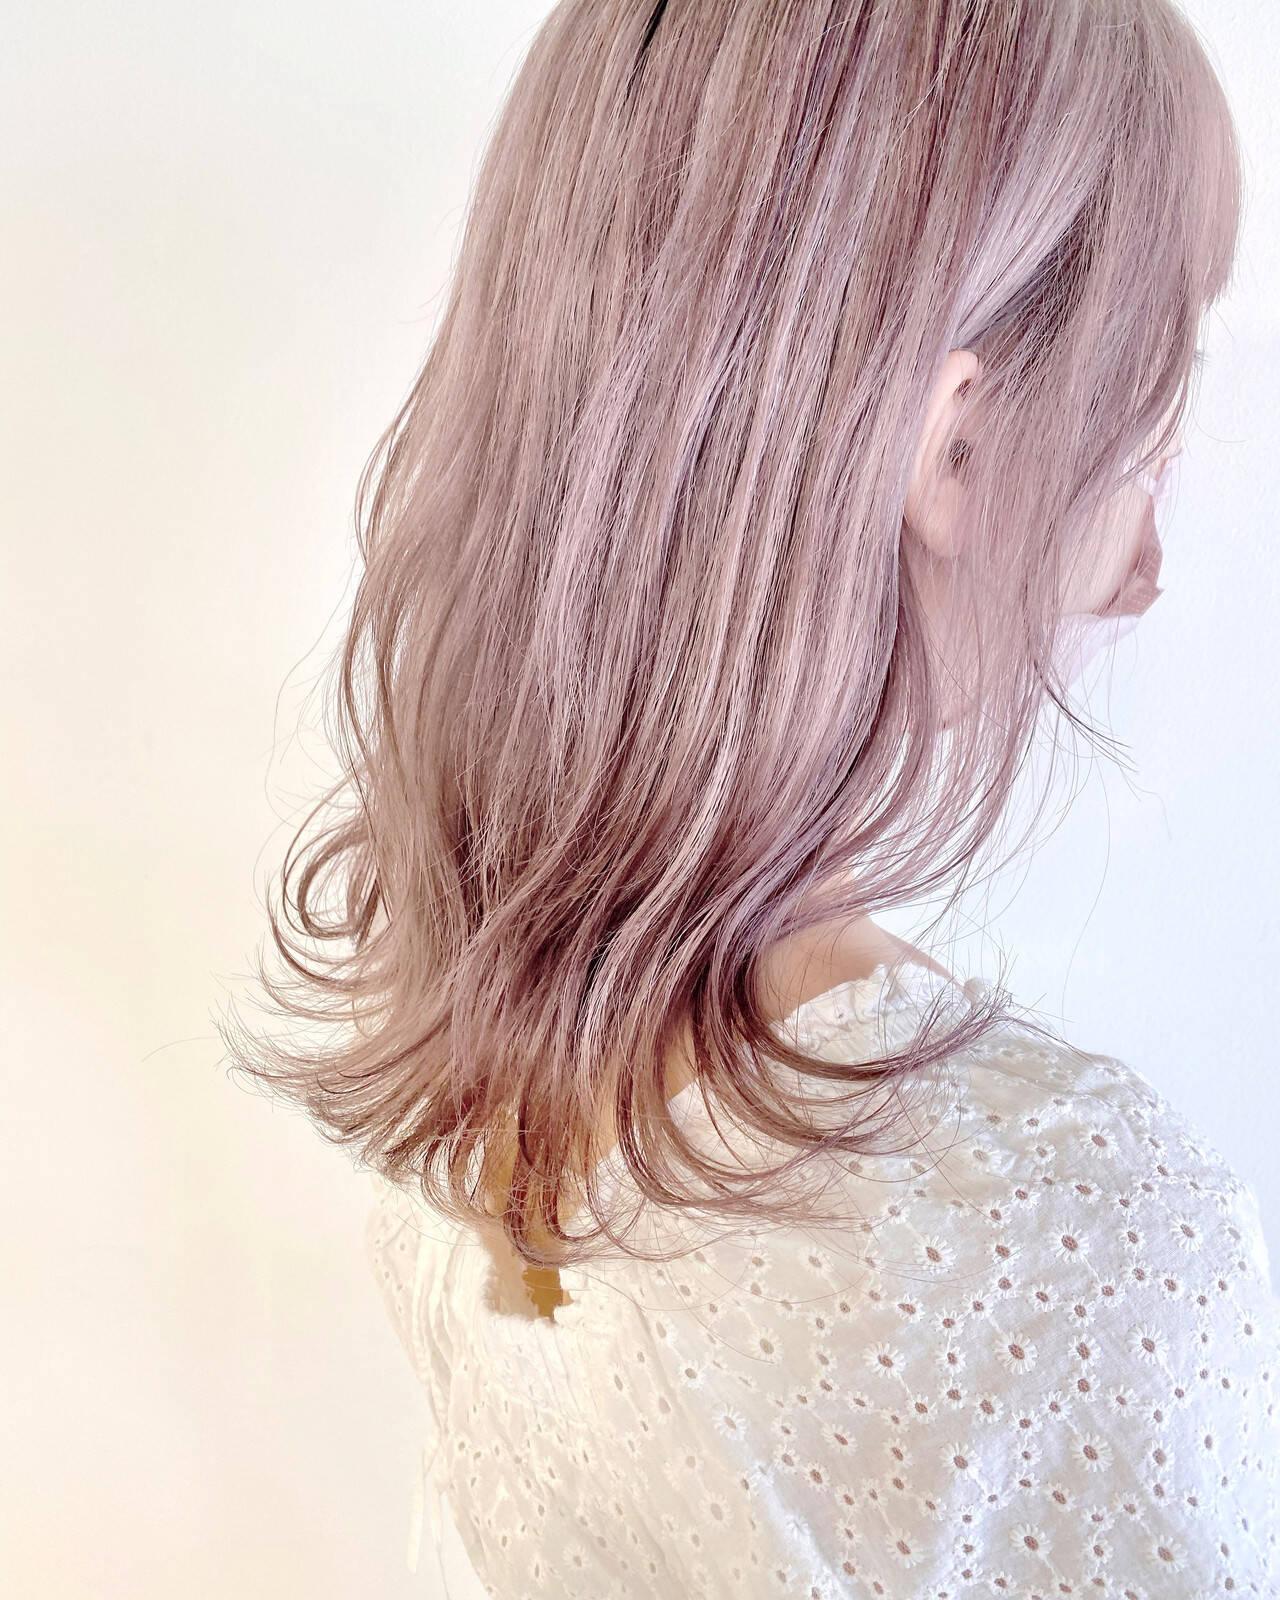 ラベンダーピンク ラベンダー ラベンダーカラー ピンクベージュヘアスタイルや髪型の写真・画像